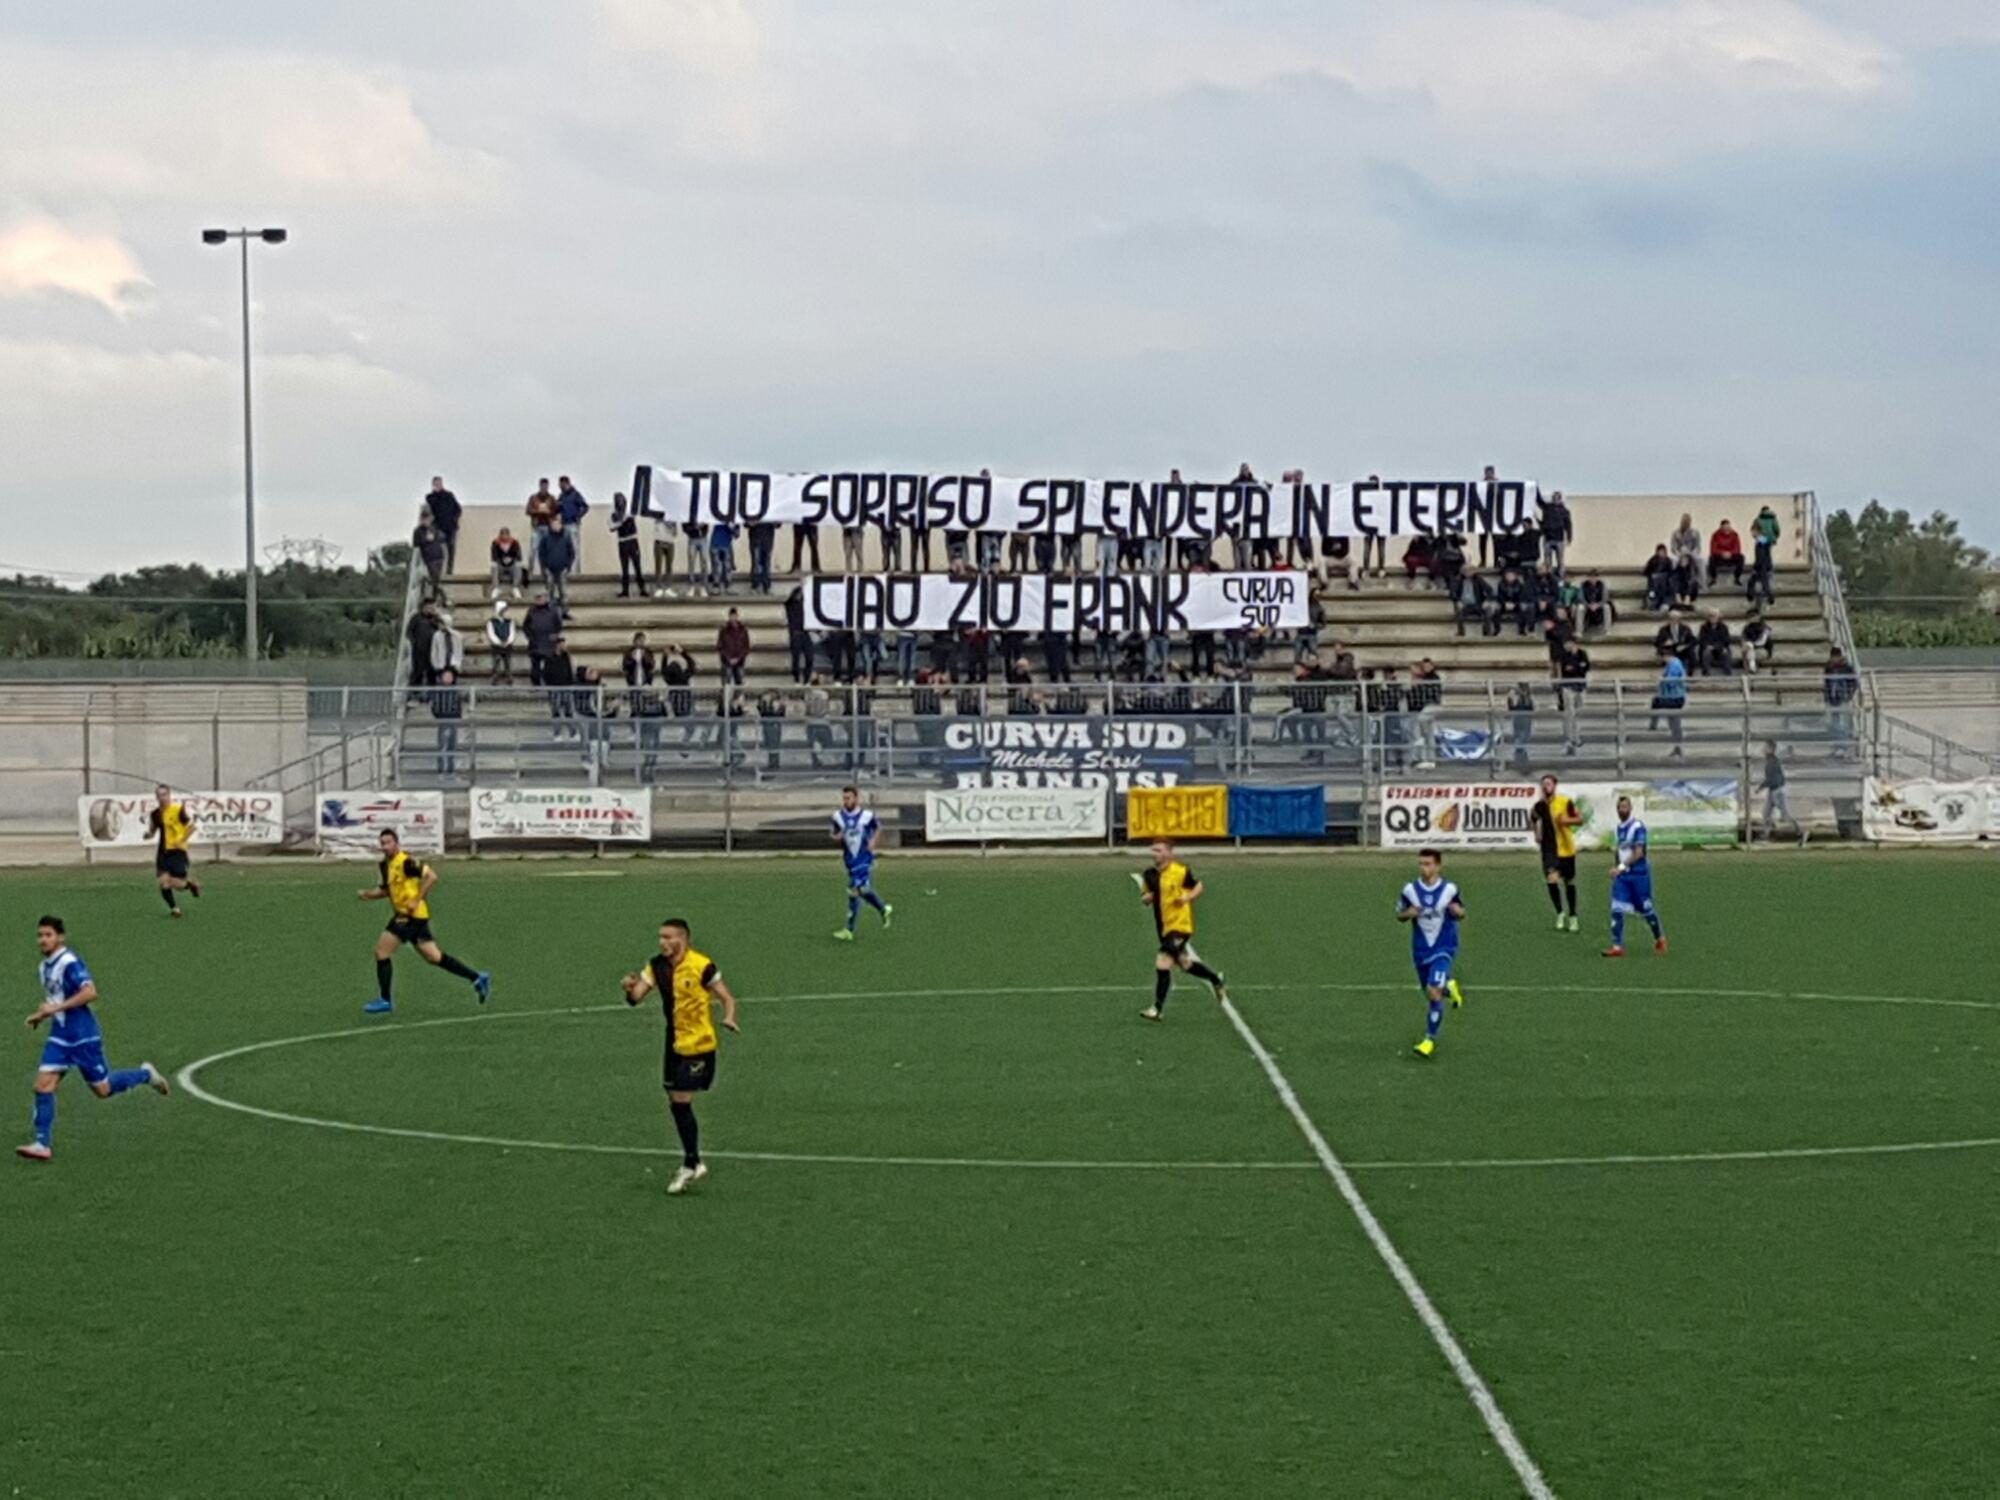 Mesagne Vs Brindisi, il derby finisce in pareggio